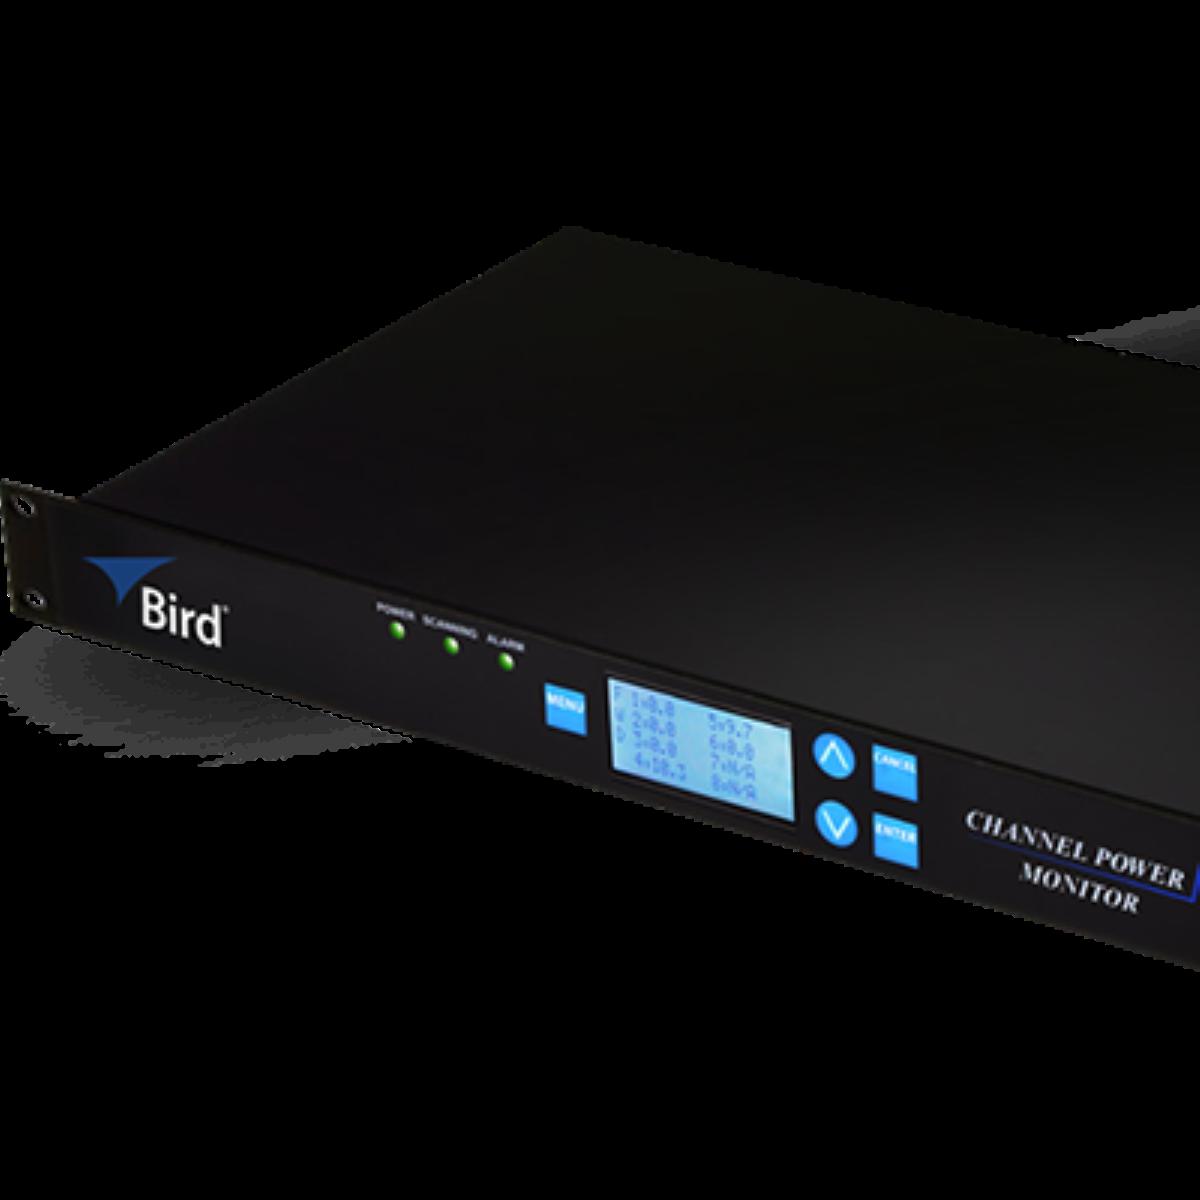 Sistema de monitoreo de potencia del canal SERIE CPM Mod-3141